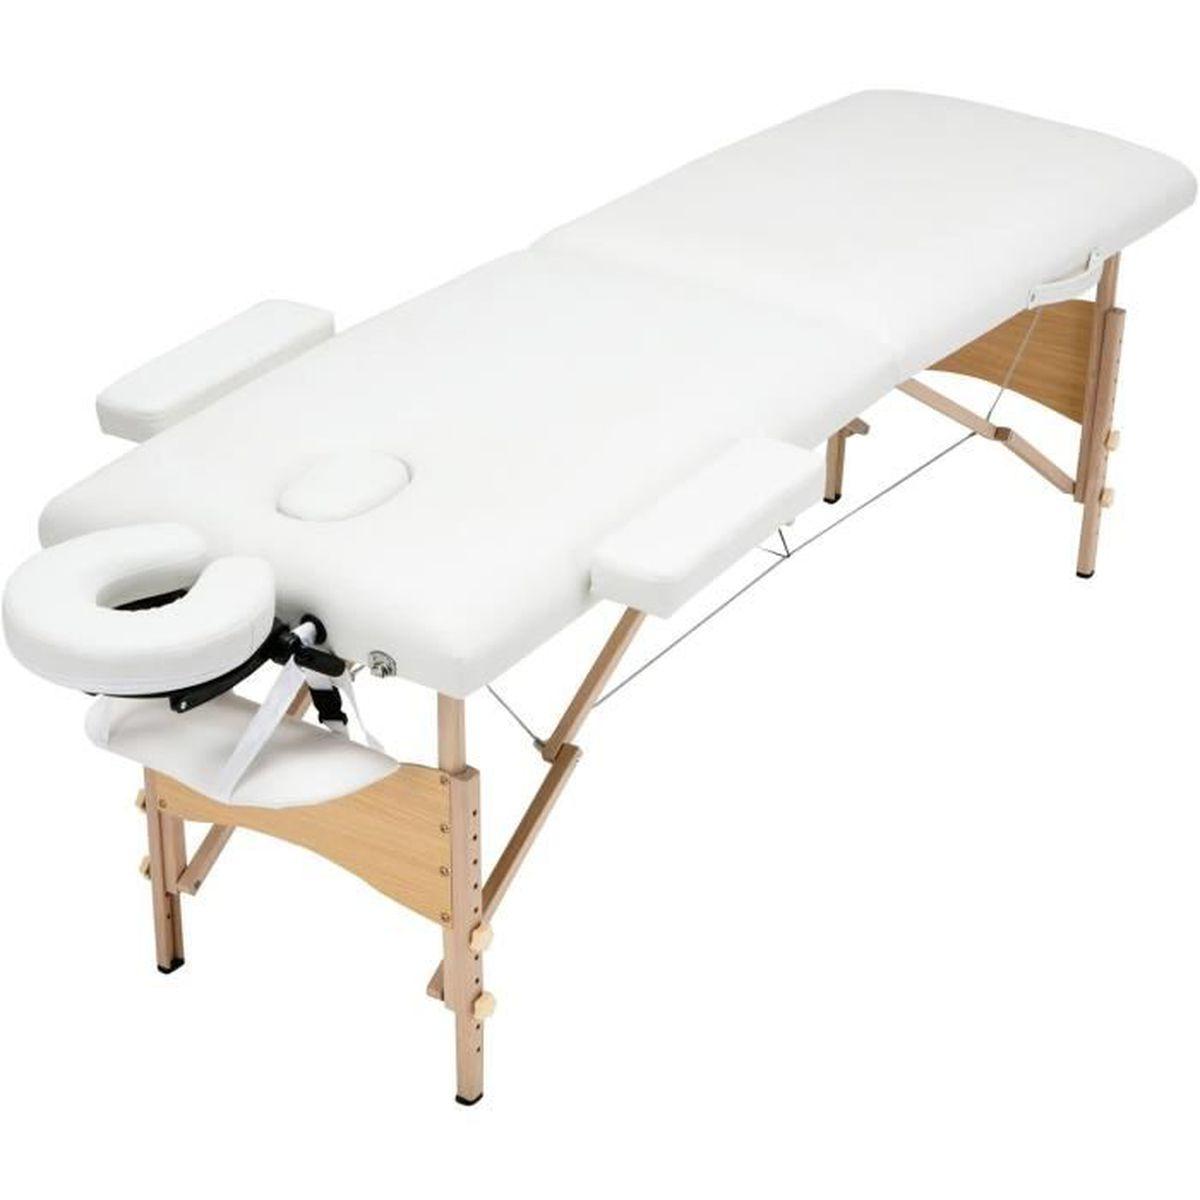 UBonheur Table de massage pliante Professionnelle Cosmétique 5